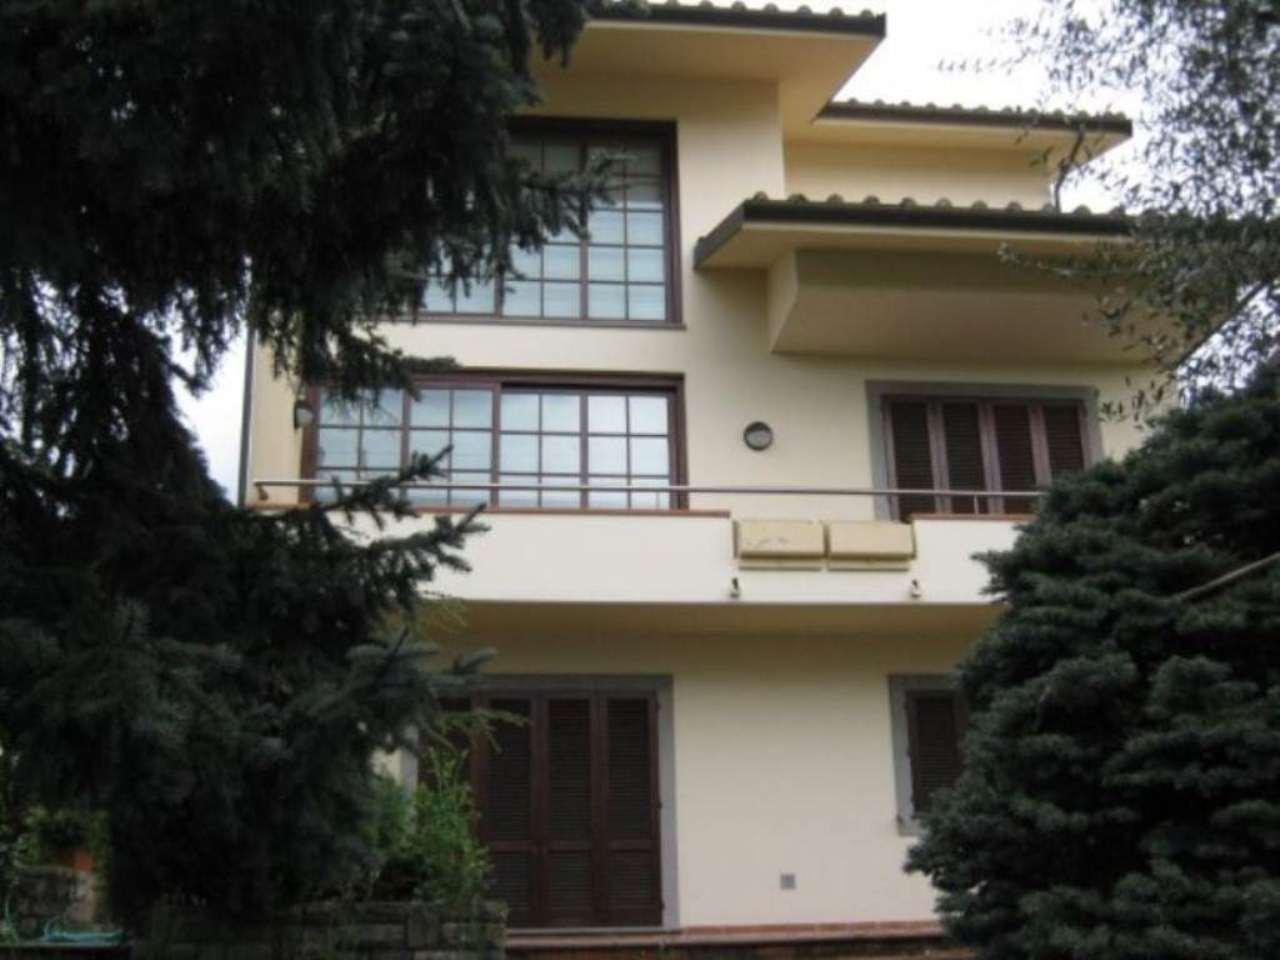 Villa in vendita a Cerreto Guidi, 12 locali, prezzo € 900.000 | Cambio Casa.it